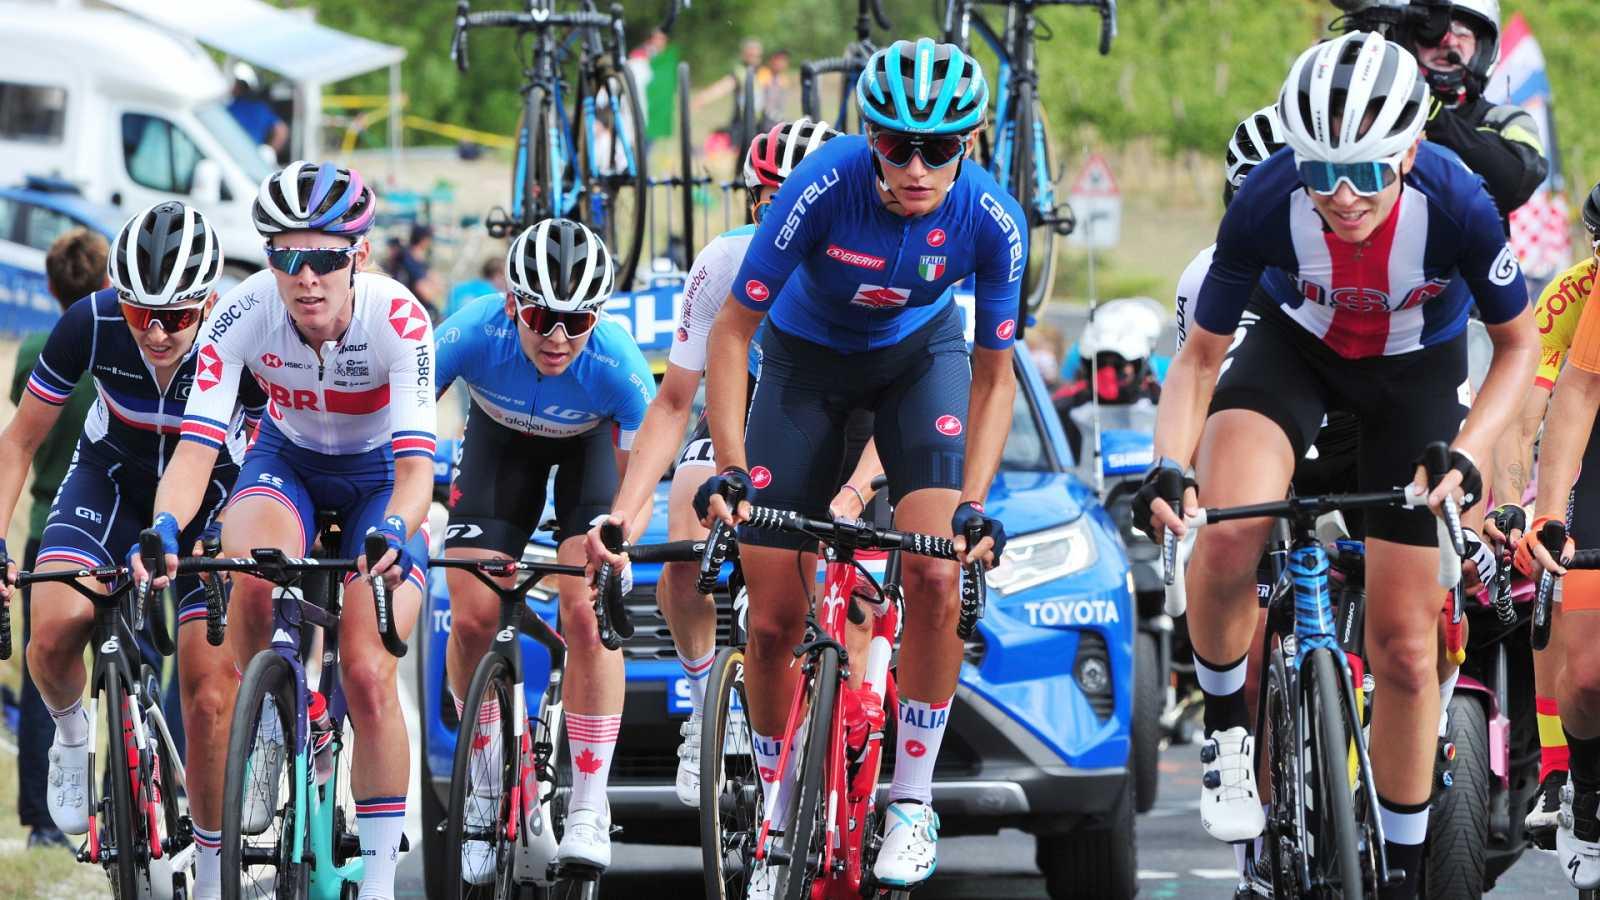 Ciclismo - Campeonato del Mundo en Ruta. Contrarreloj élite femenina (2) - ver ahora